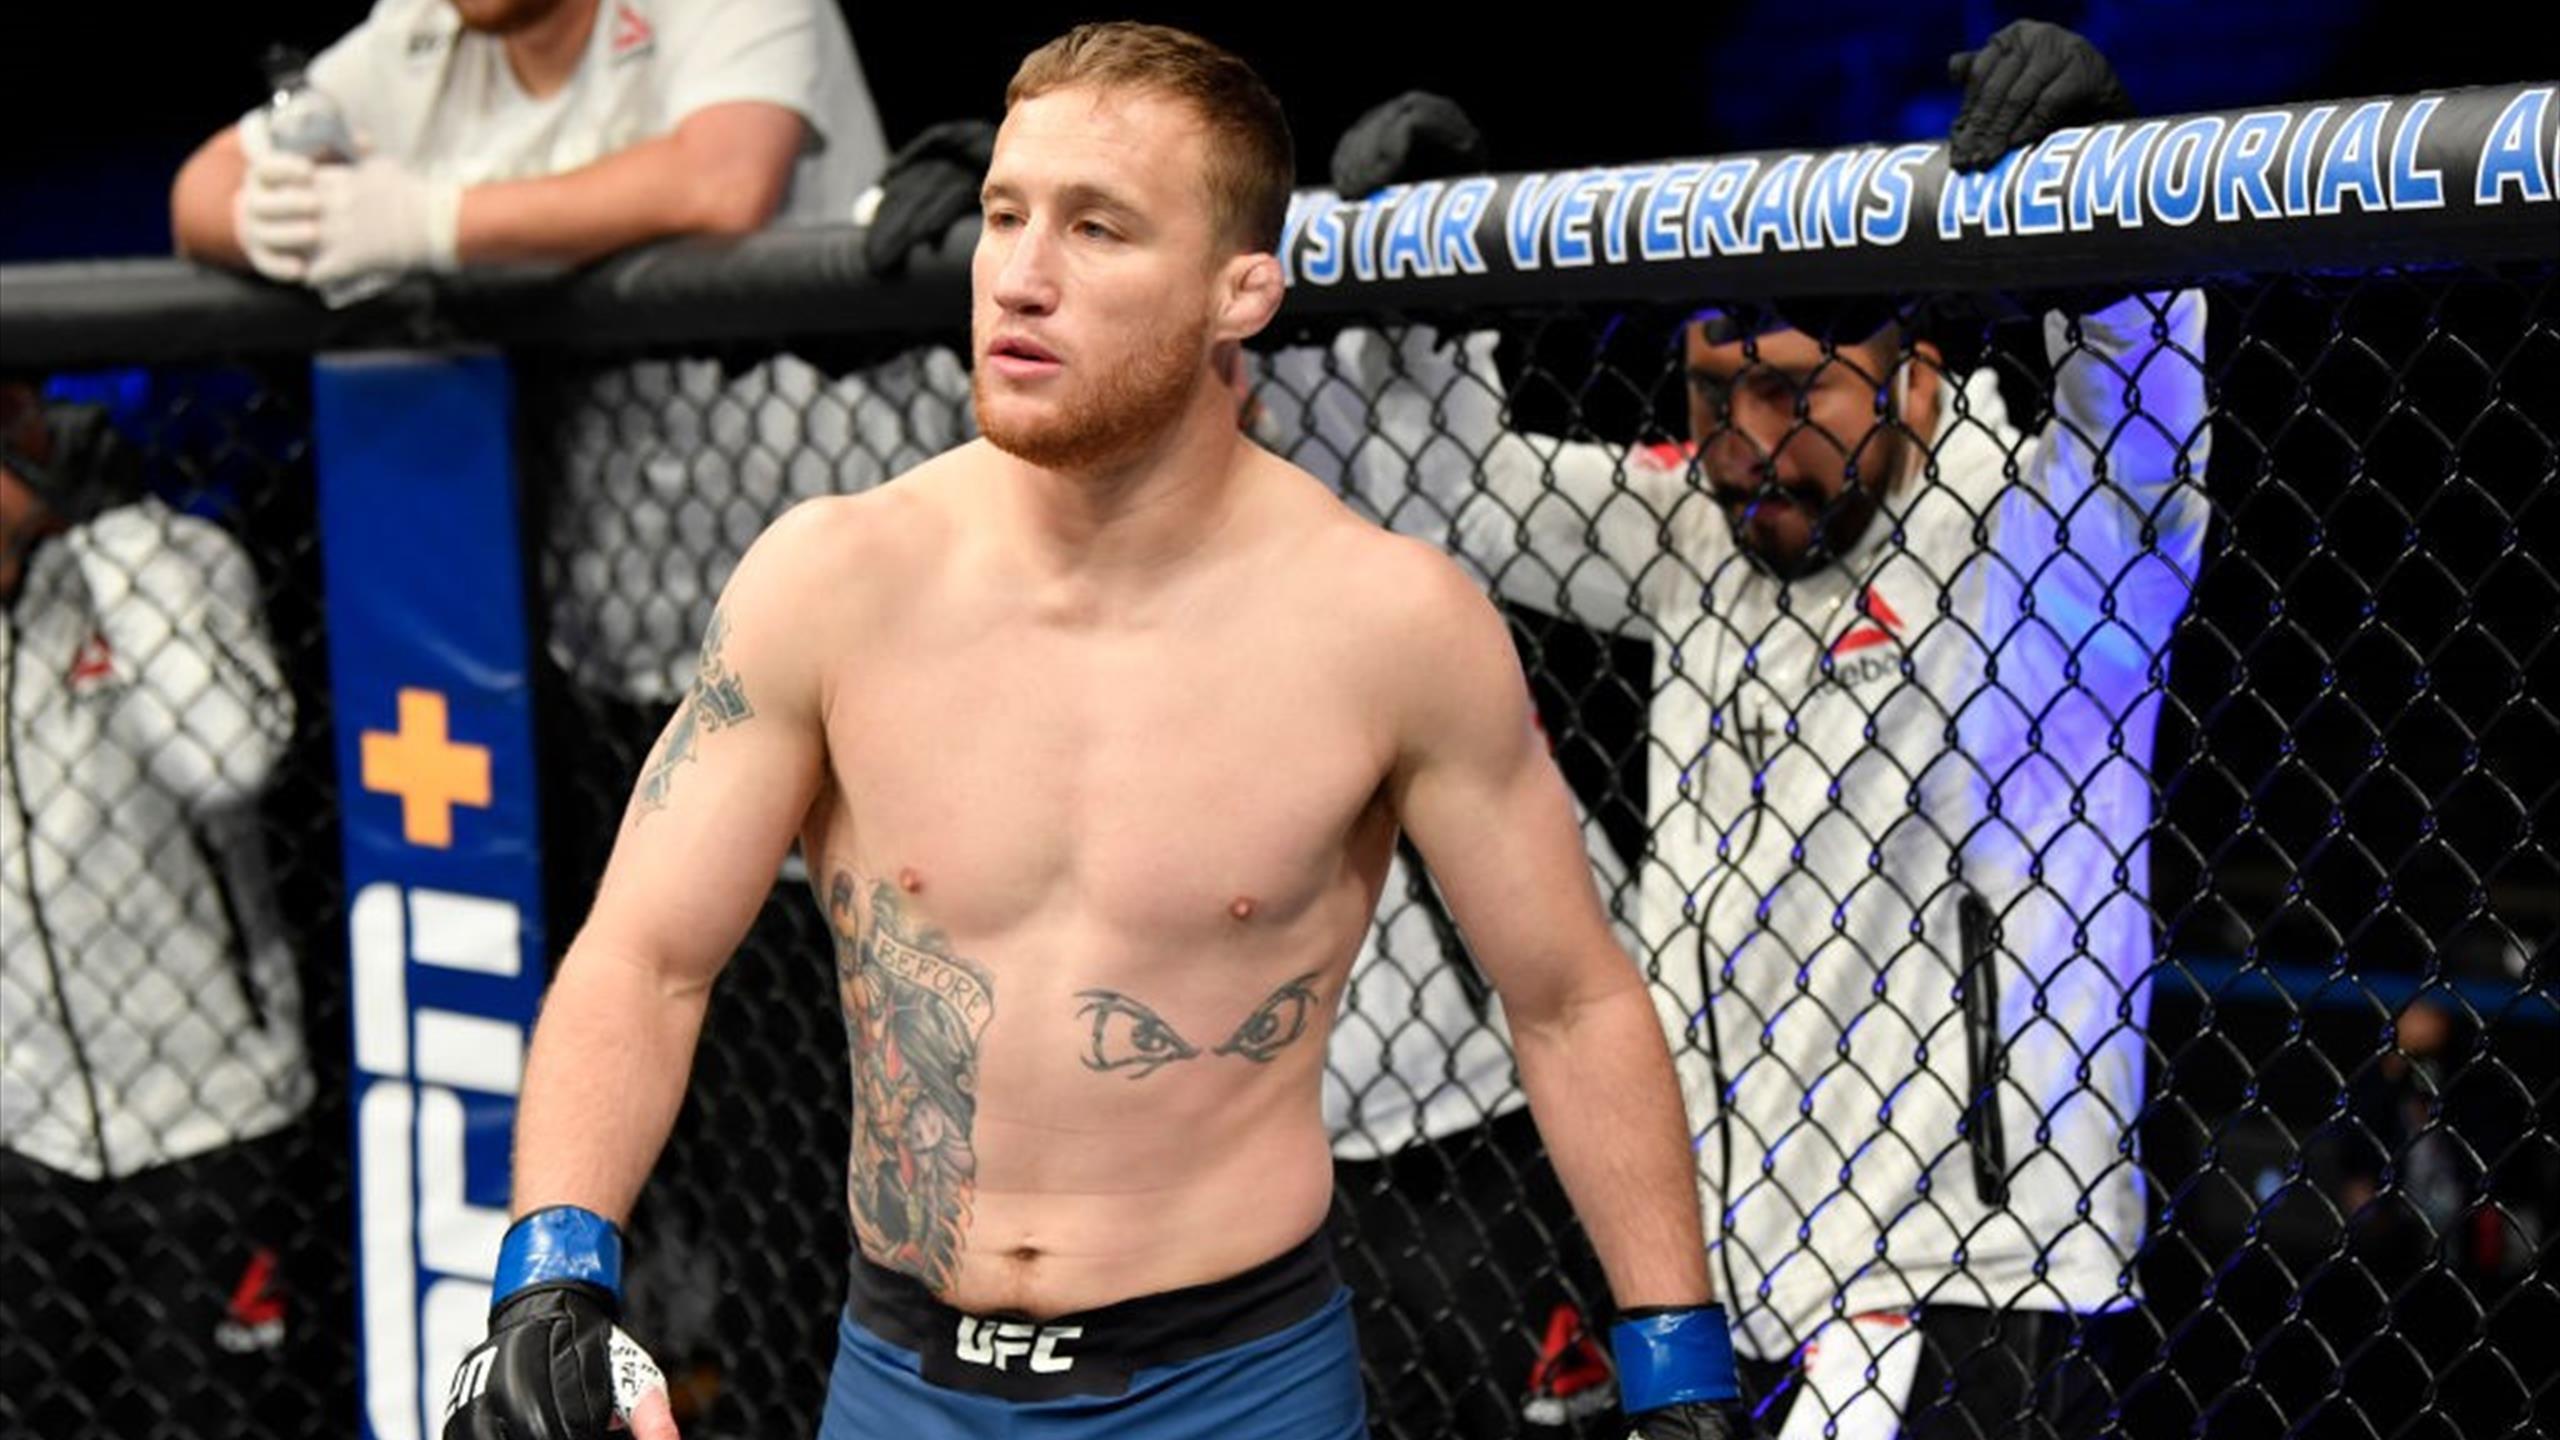 Гэтжи предположил, когда состоится его бой с Хабибом Нурмагомедовым - Eurosport.ru